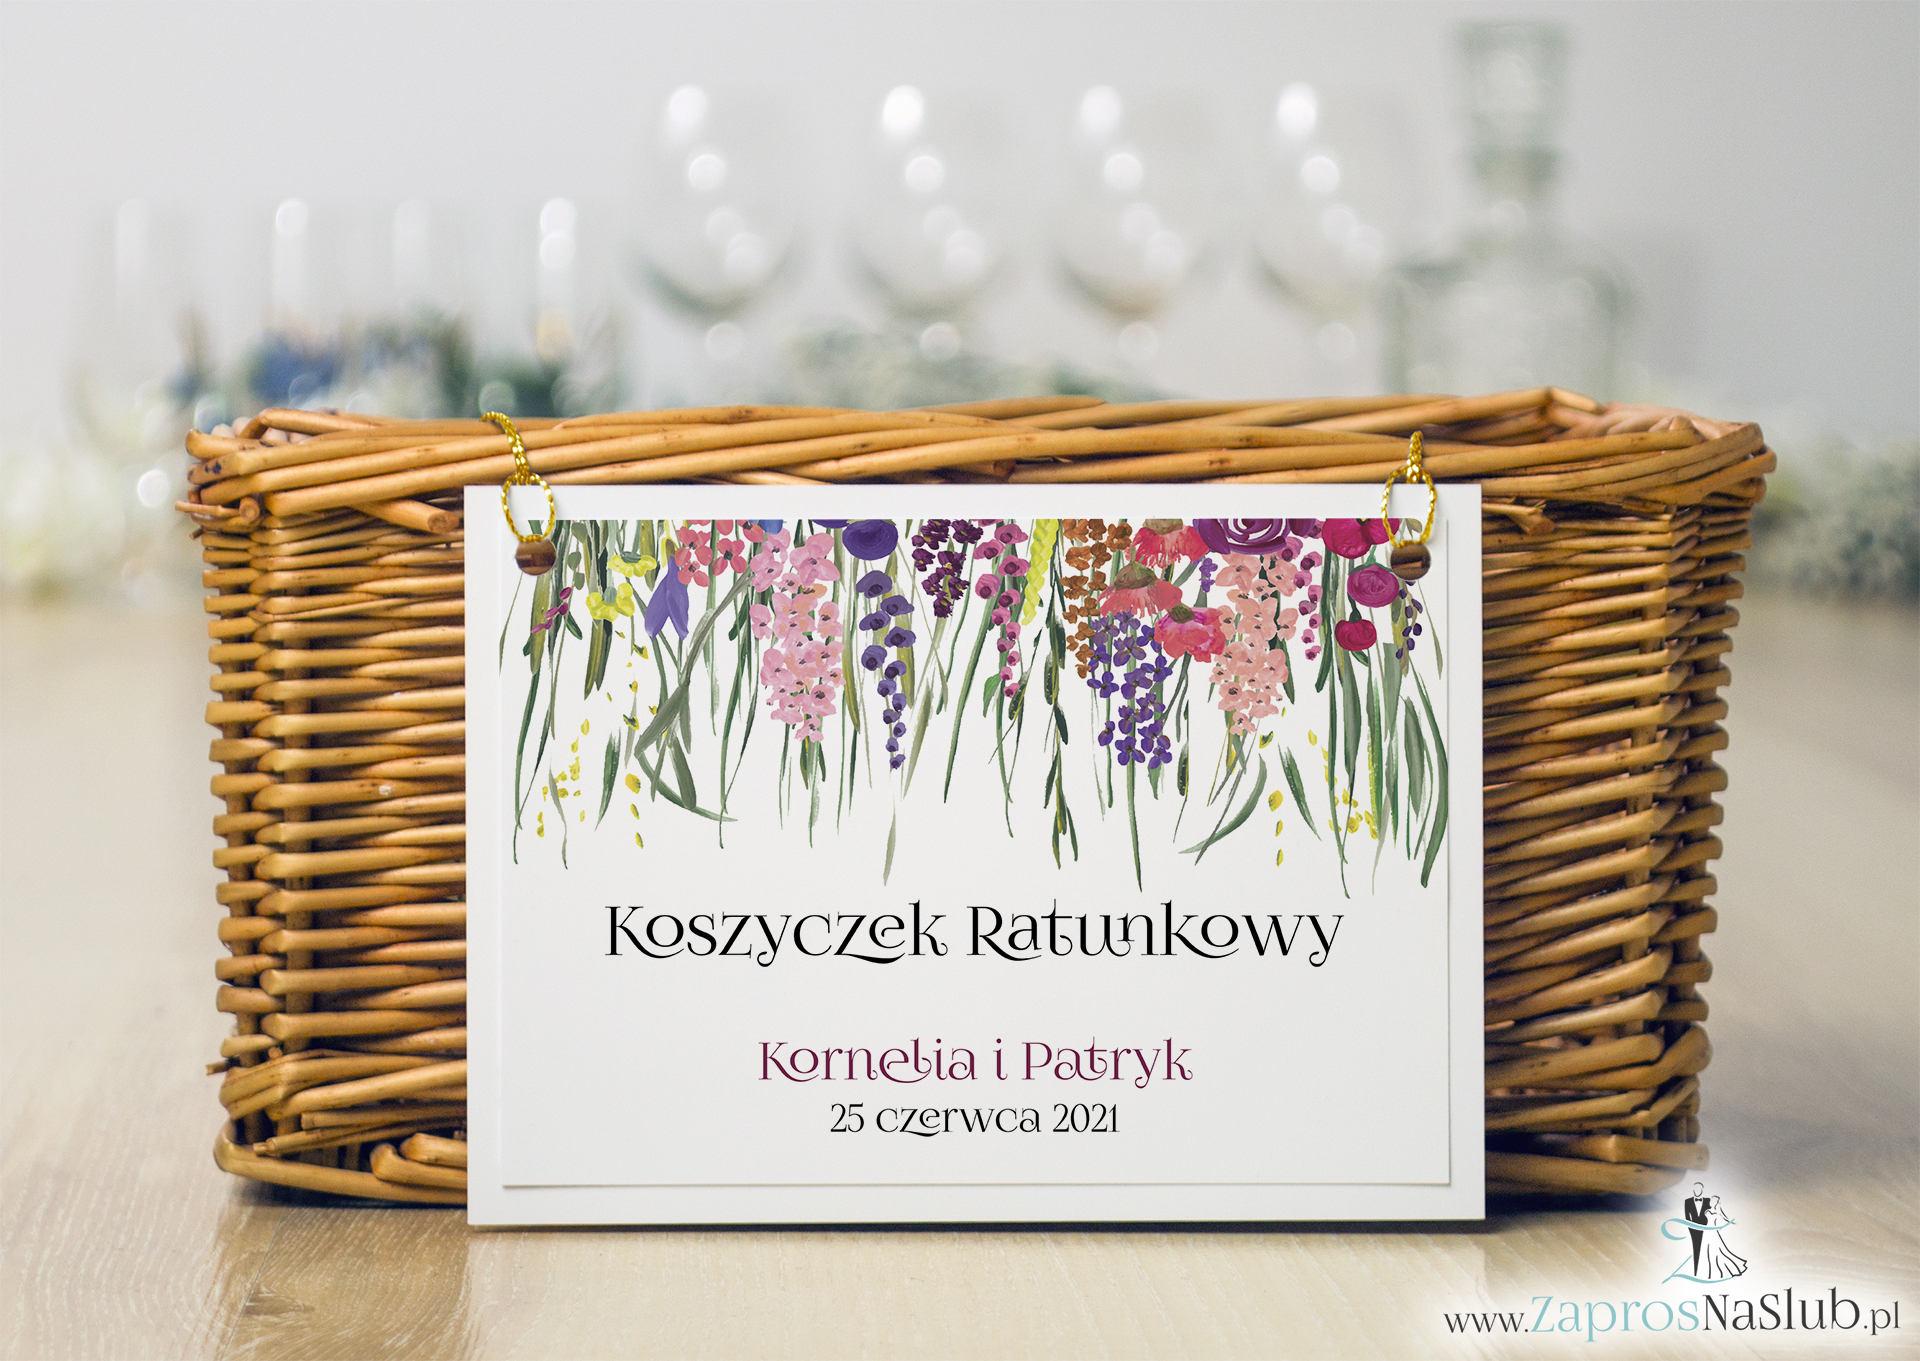 Koszyczek ratunkowy z kolorowymi polnymi kwiatami i zieloną trawą oraz złotym sznurkiem. KOS-10001 - Zaproszenia ślubne ZaprosNaSlub